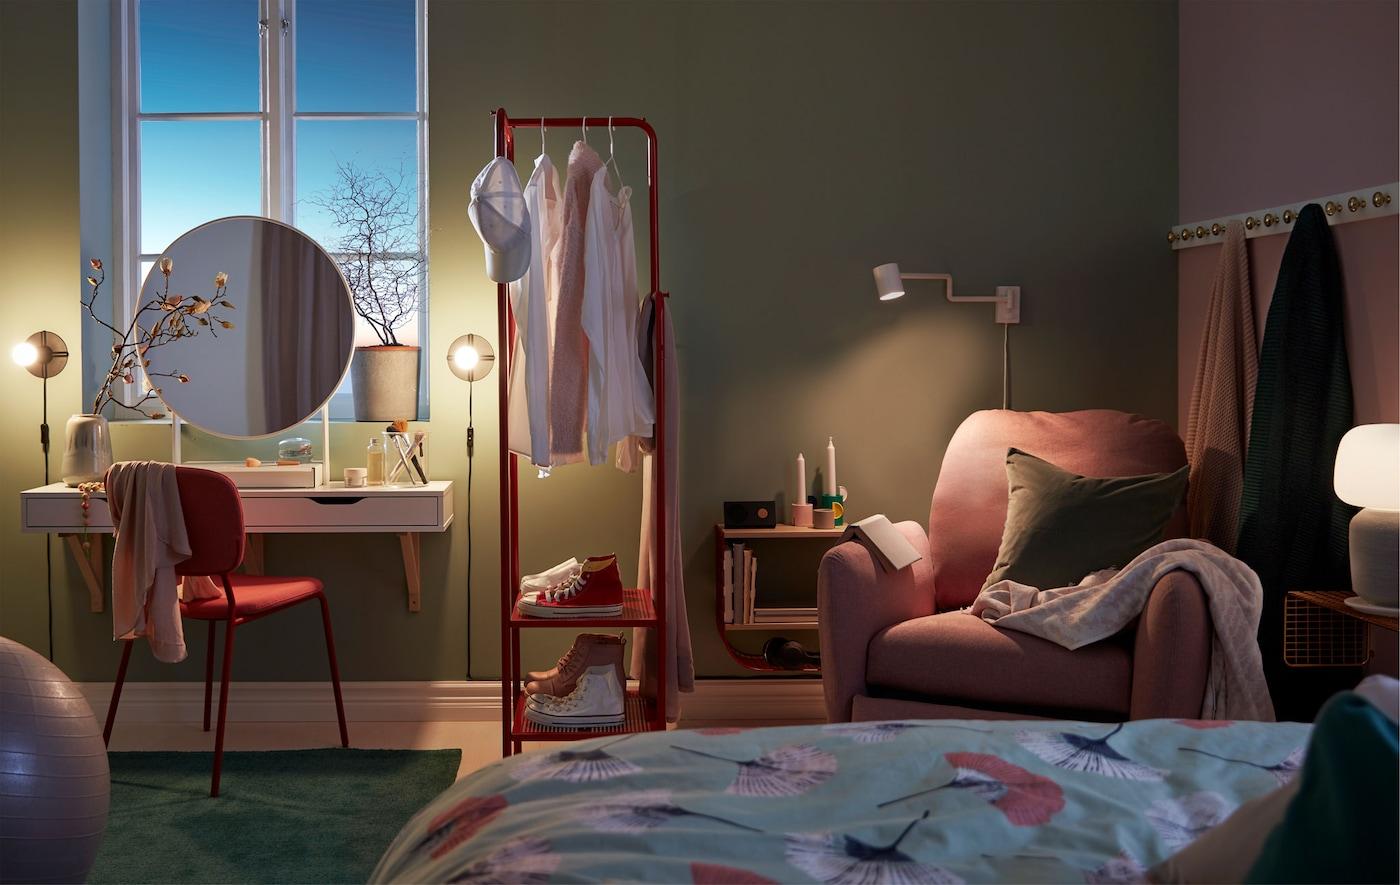 Chambre à coucher à l'éclairage tamisé, avec coin maquillage, porte-manteau faisant office de paravent et coin lecture équipé d'un fauteuil relax.